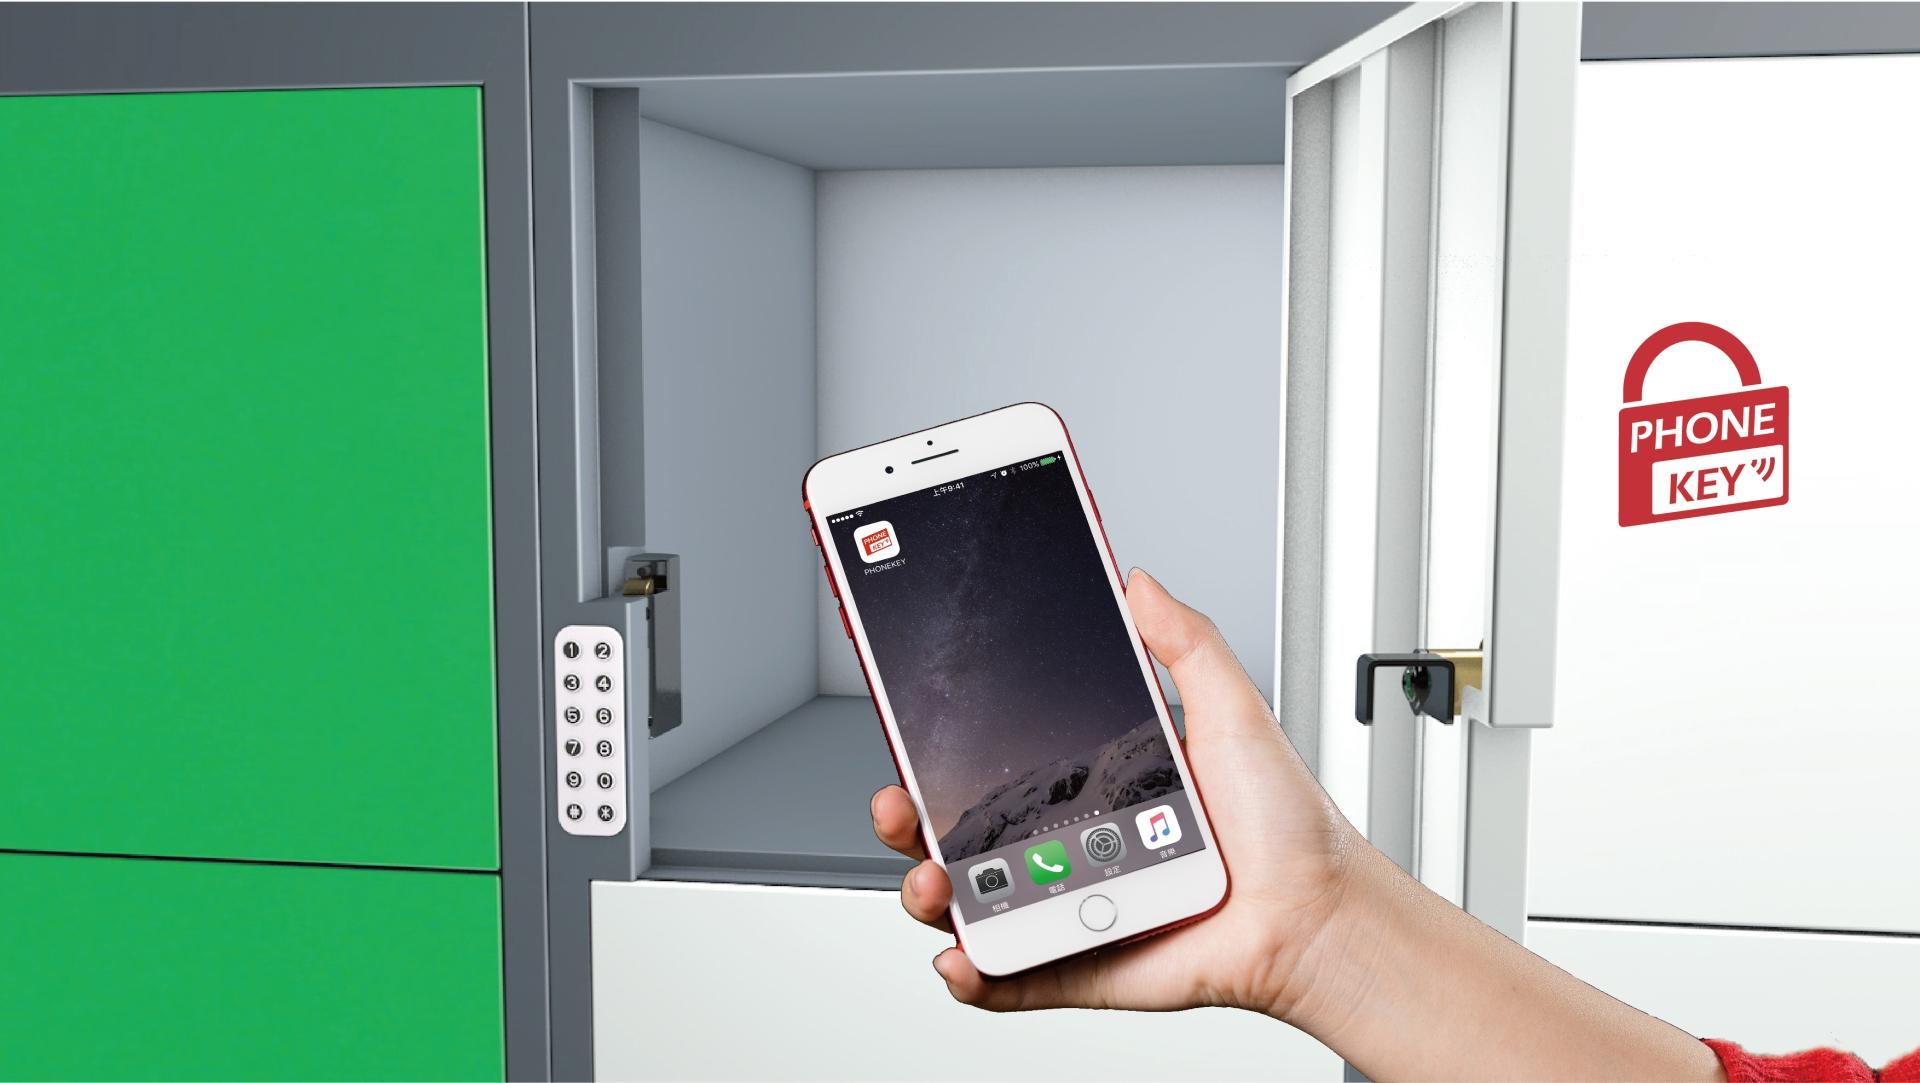 藍牙手機開鎖置物櫃含外部鍵盤與鑰匙